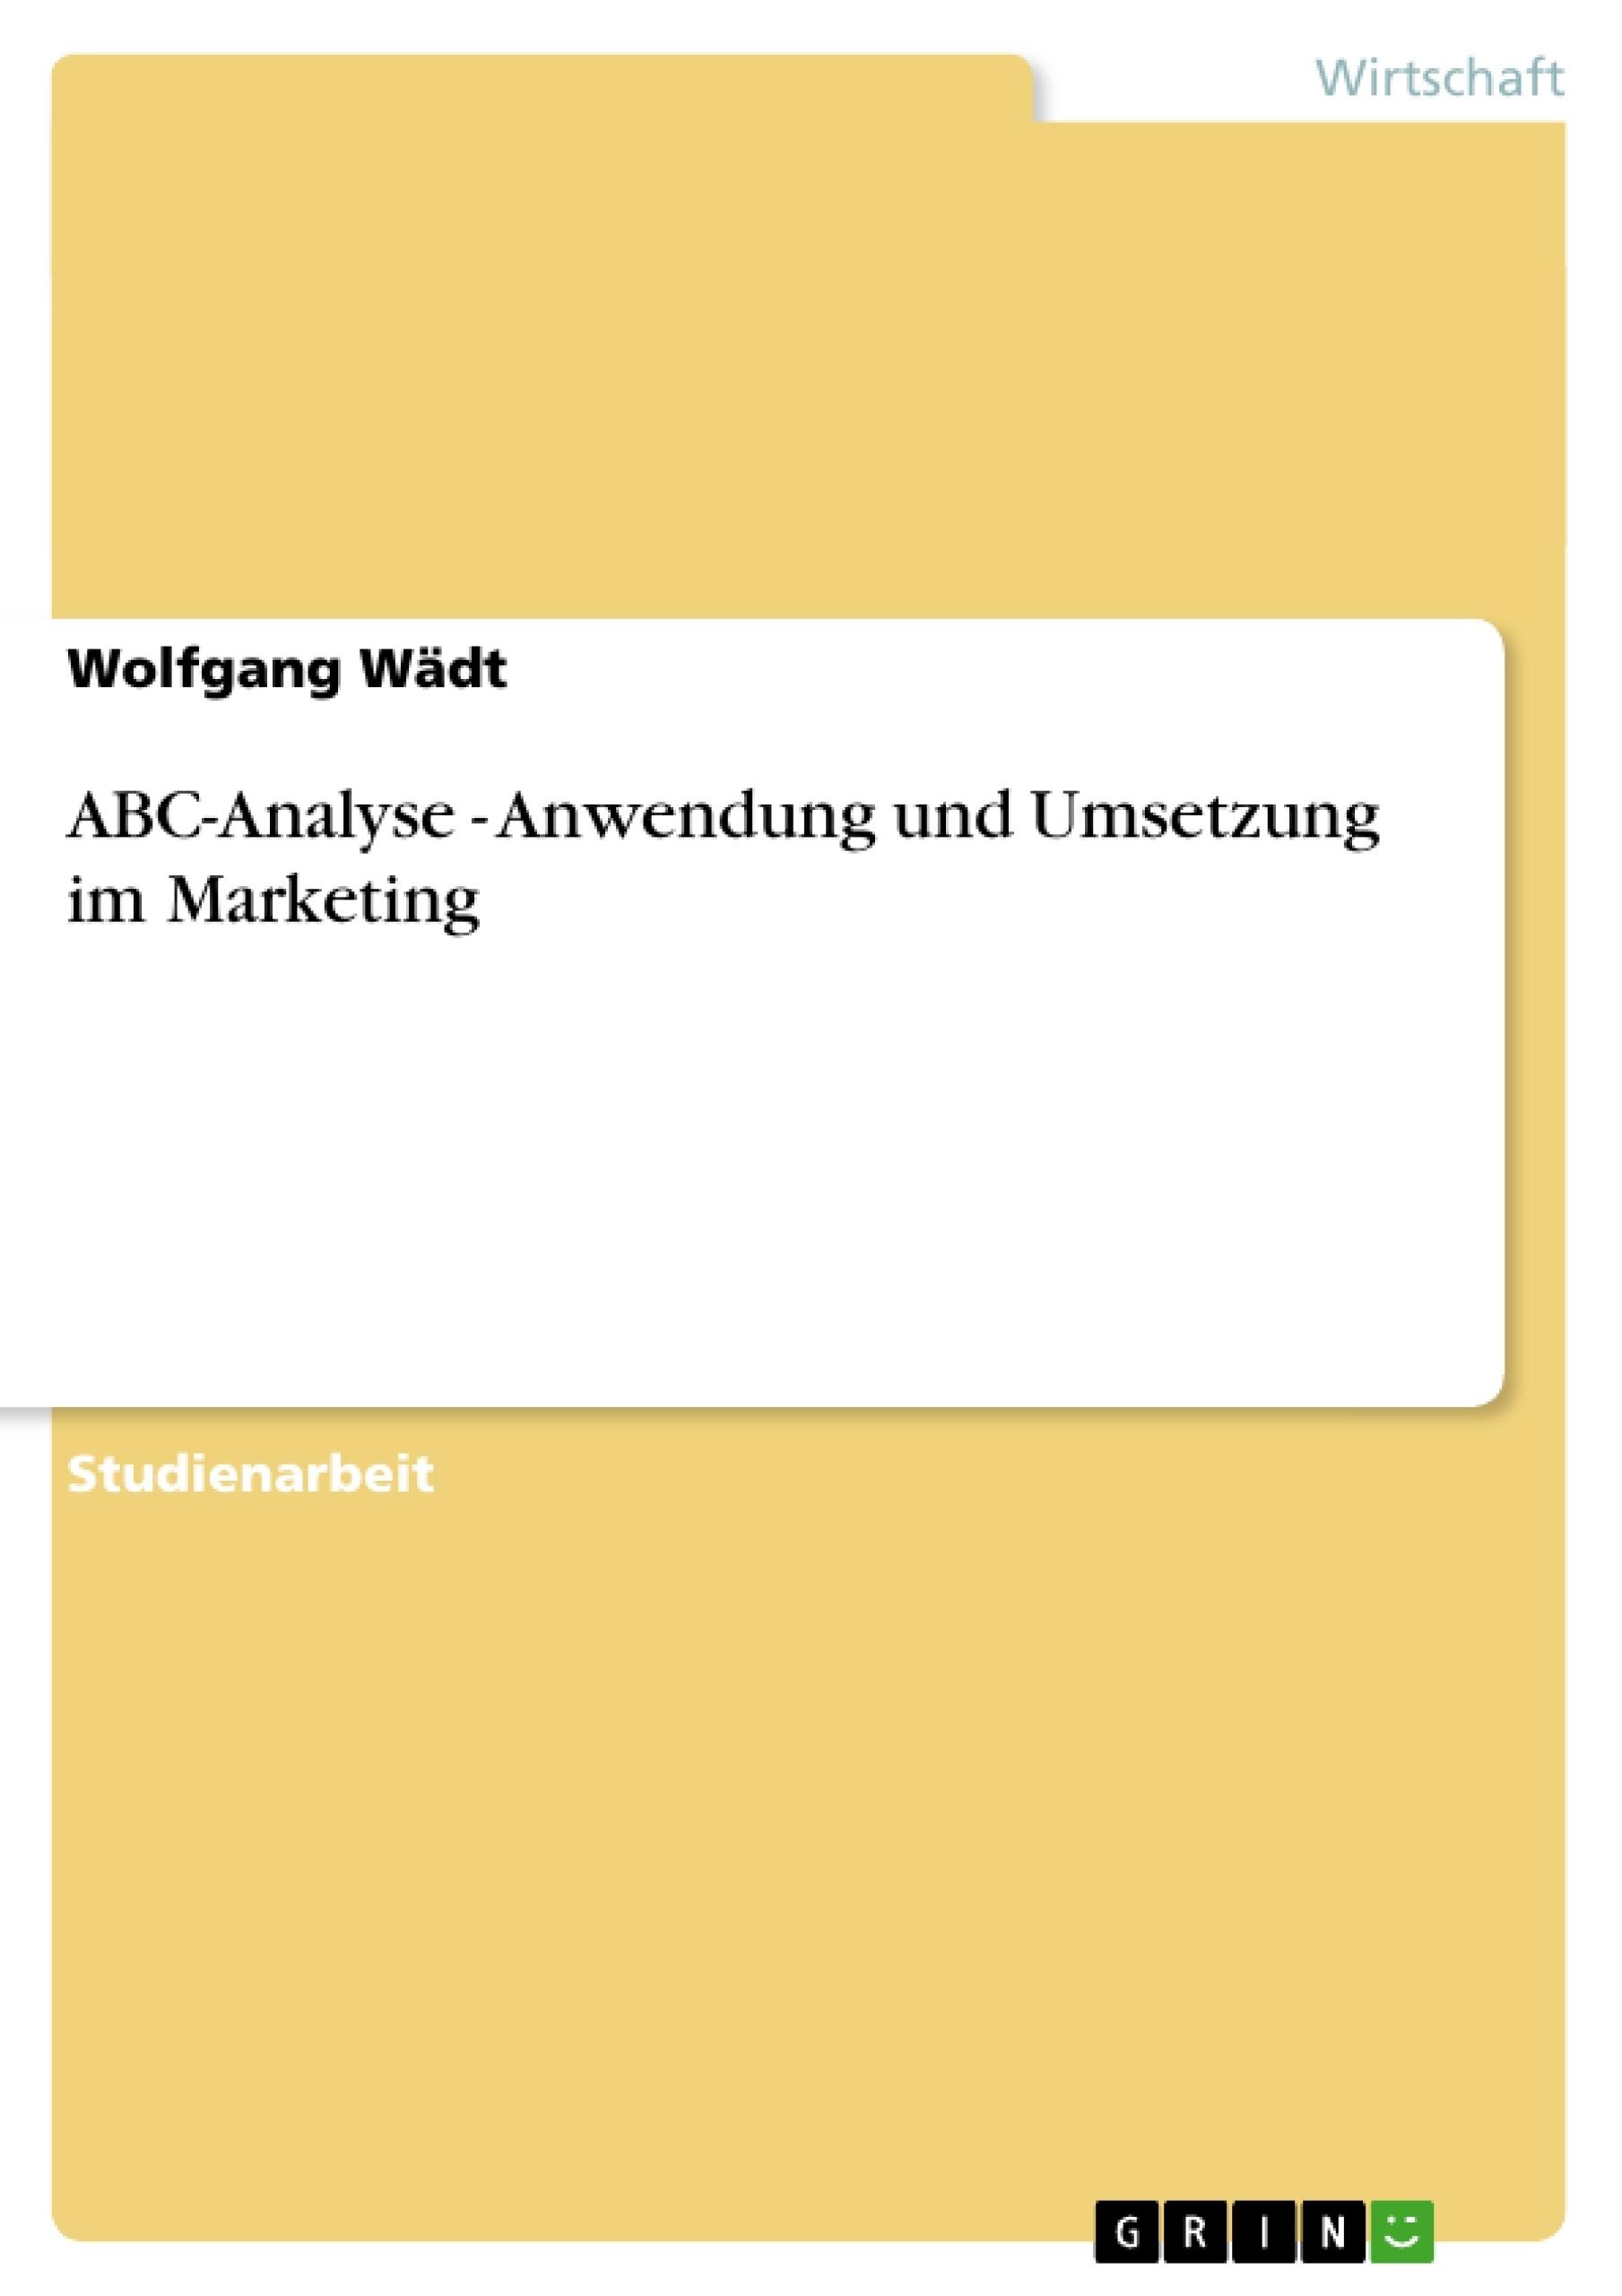 Titel: ABC-Analyse - Anwendung und Umsetzung im Marketing